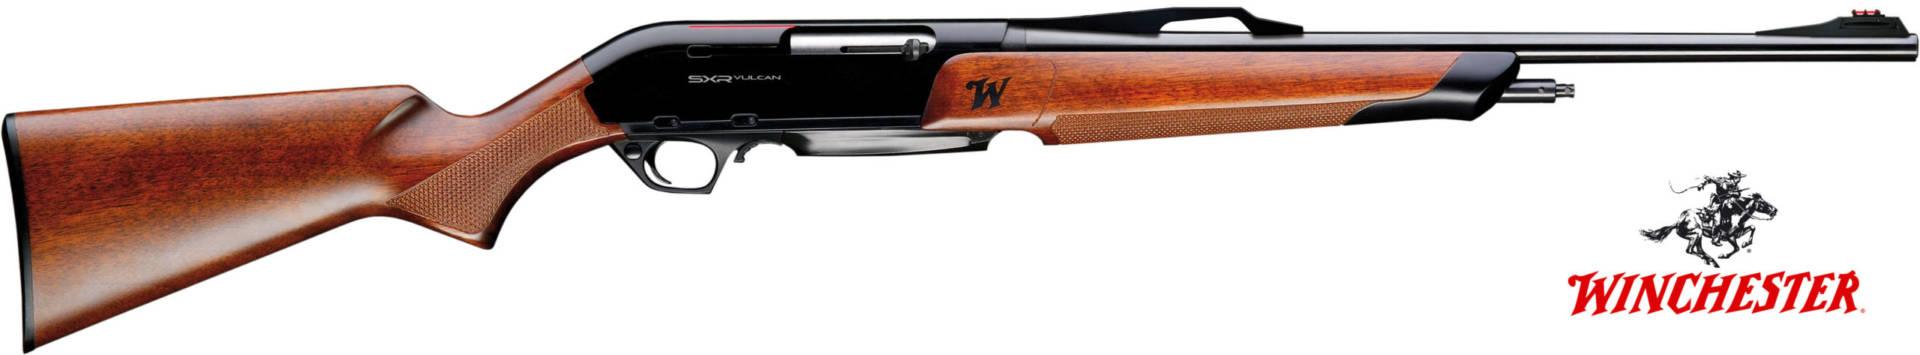 Rifle semiautomático SXR VULCAN